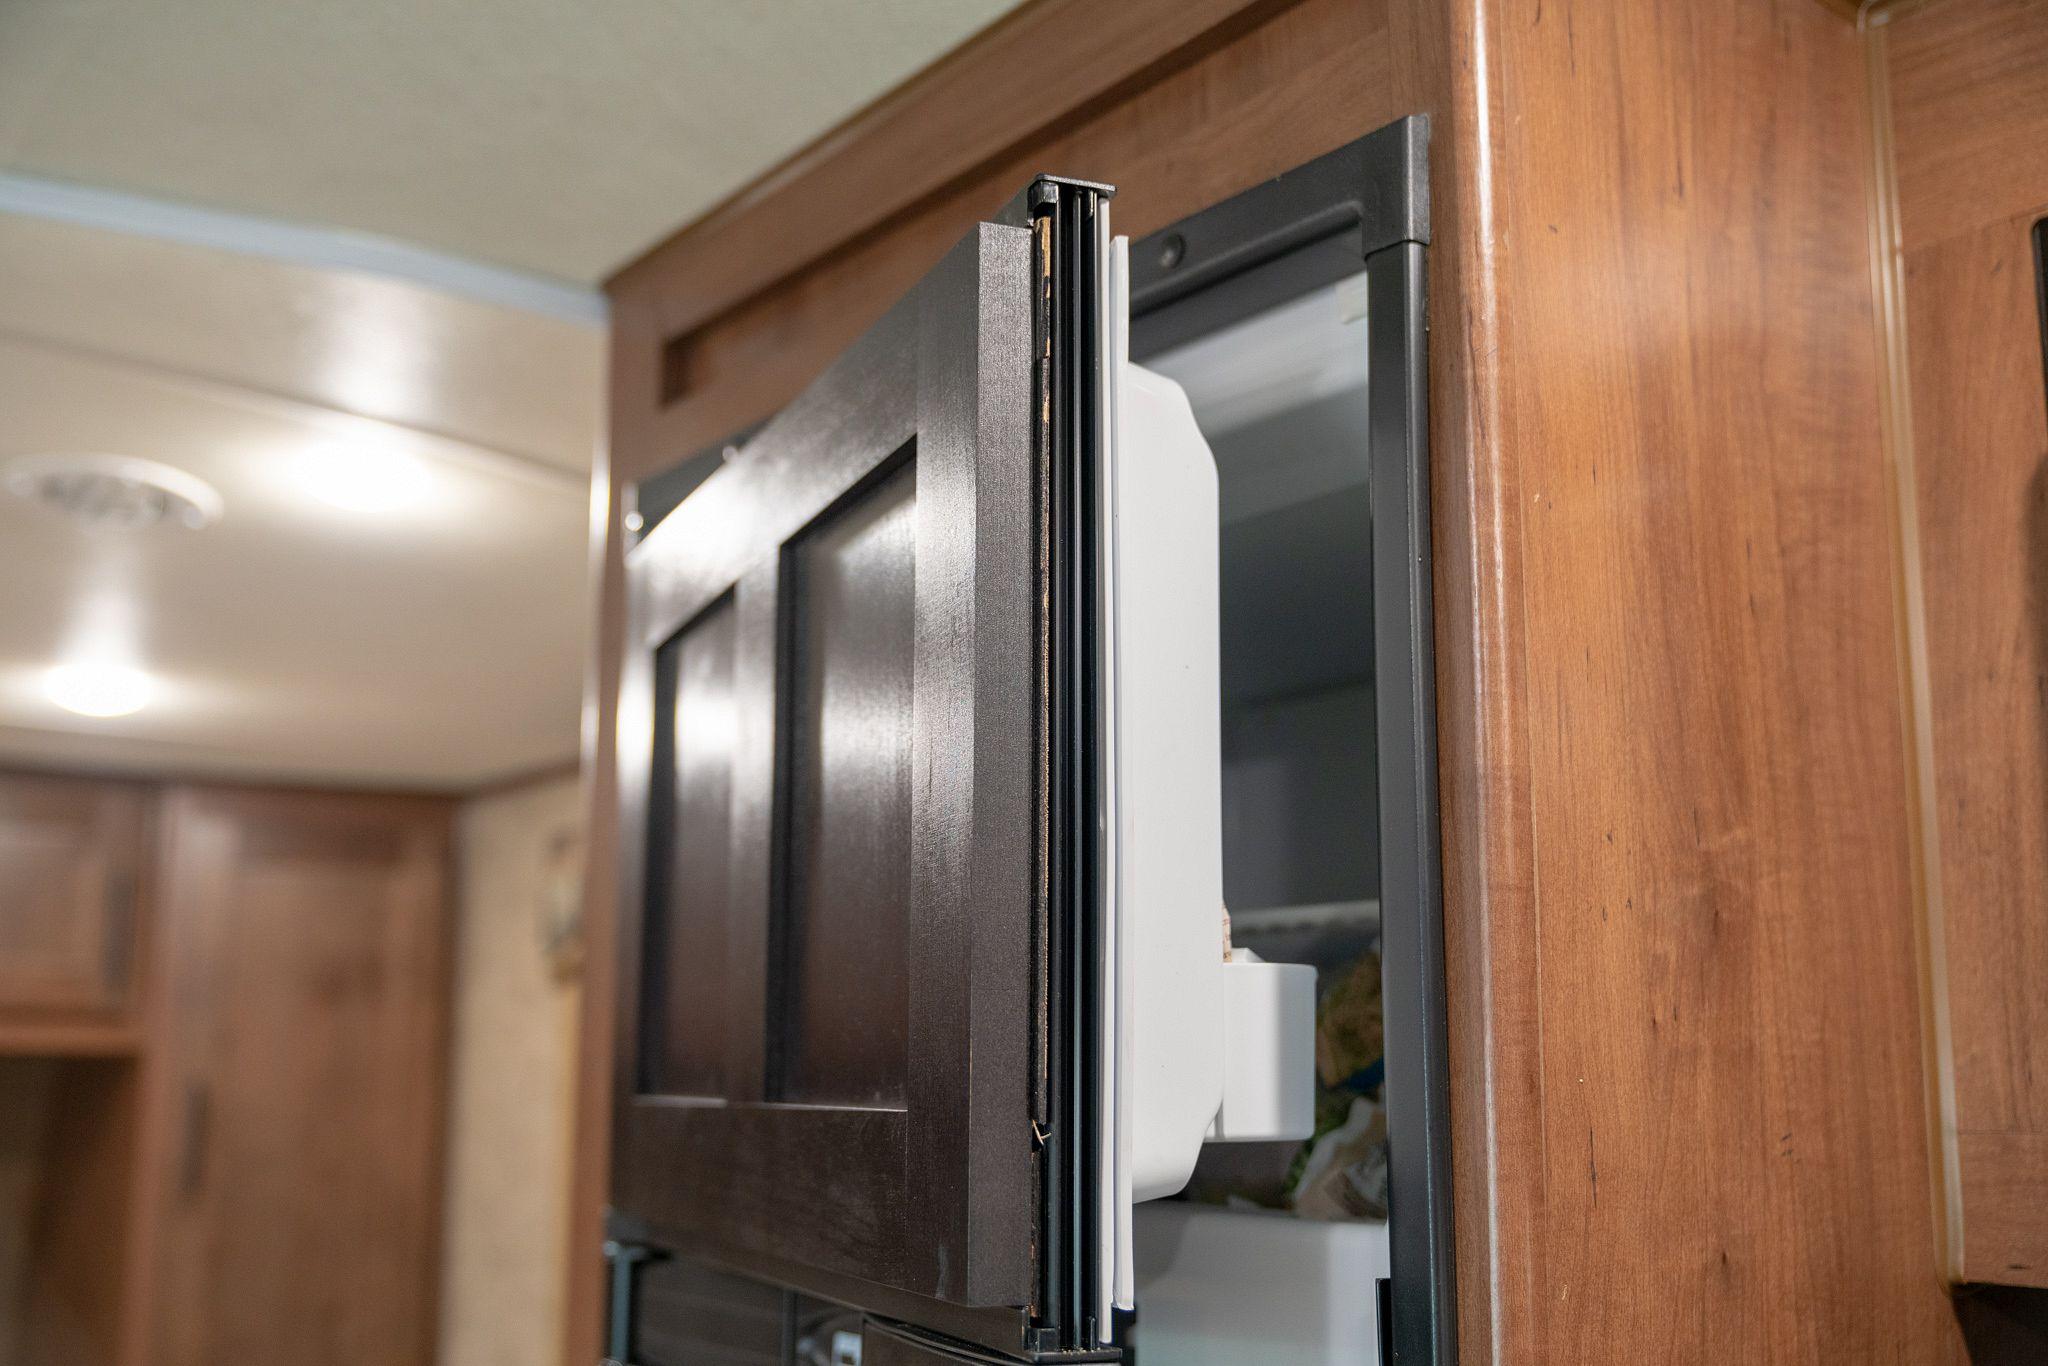 RV freezer door removal